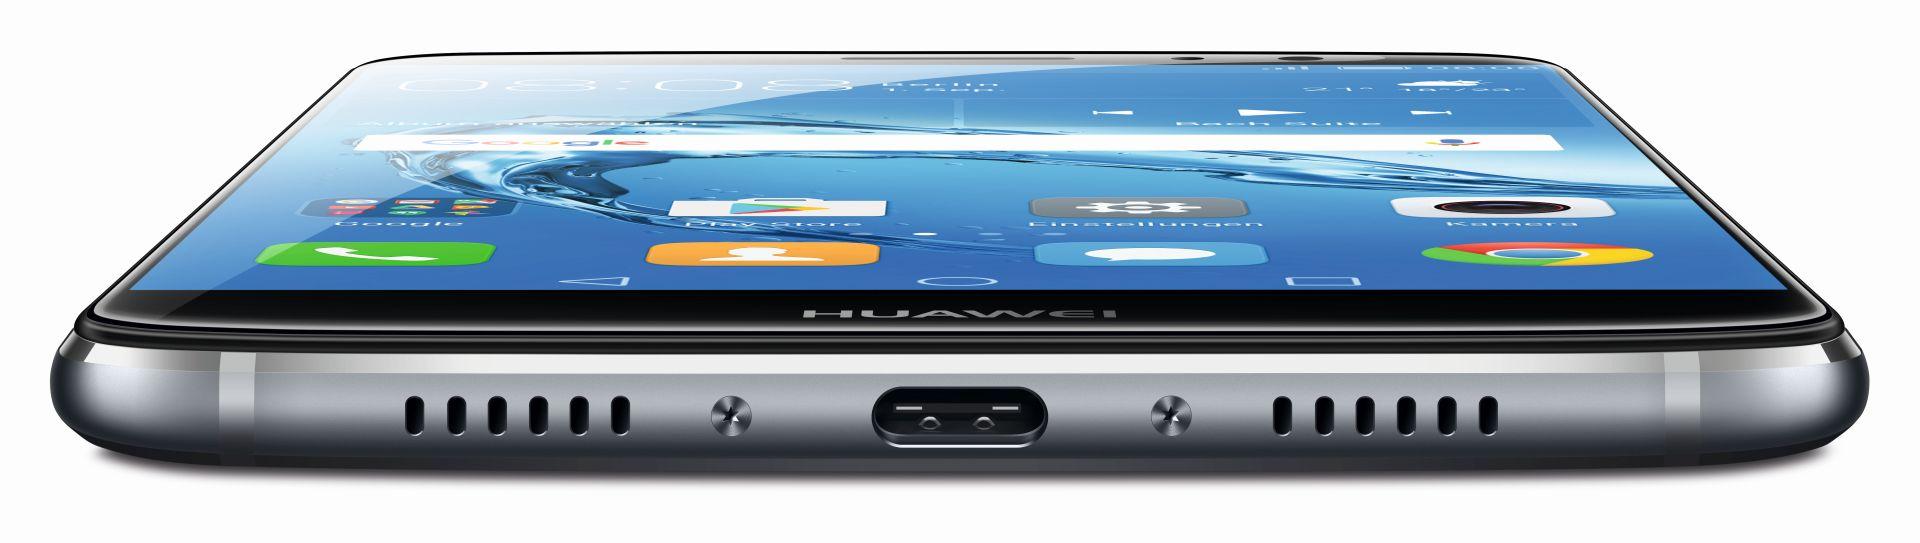 Android-Smartphone: Huawei bringt Nova Plus doch nach Deutschland - Geladen wird das Nova Plus mit einem USB-Typ-C-Kabel. (Bild: Huawei)